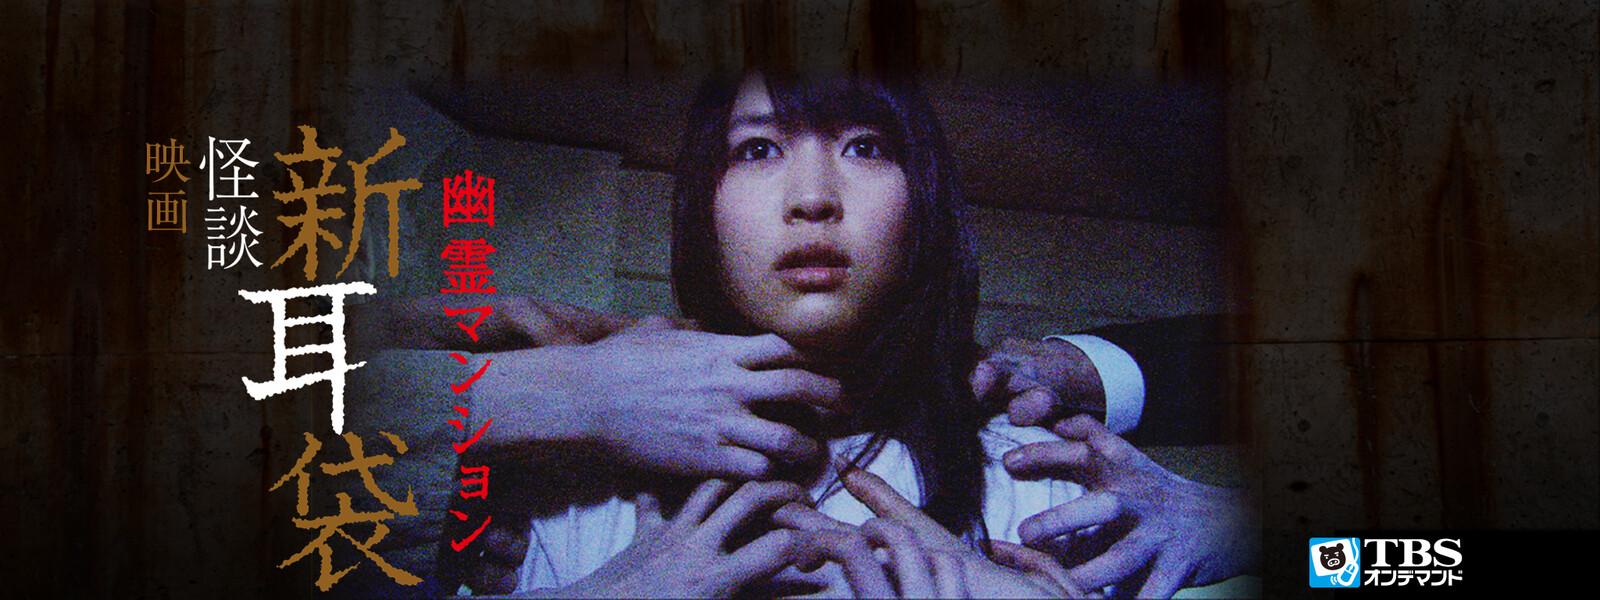 怪談新耳袋 劇場版 幽霊マンションの動画 - 怪談新耳袋Gメン復活編